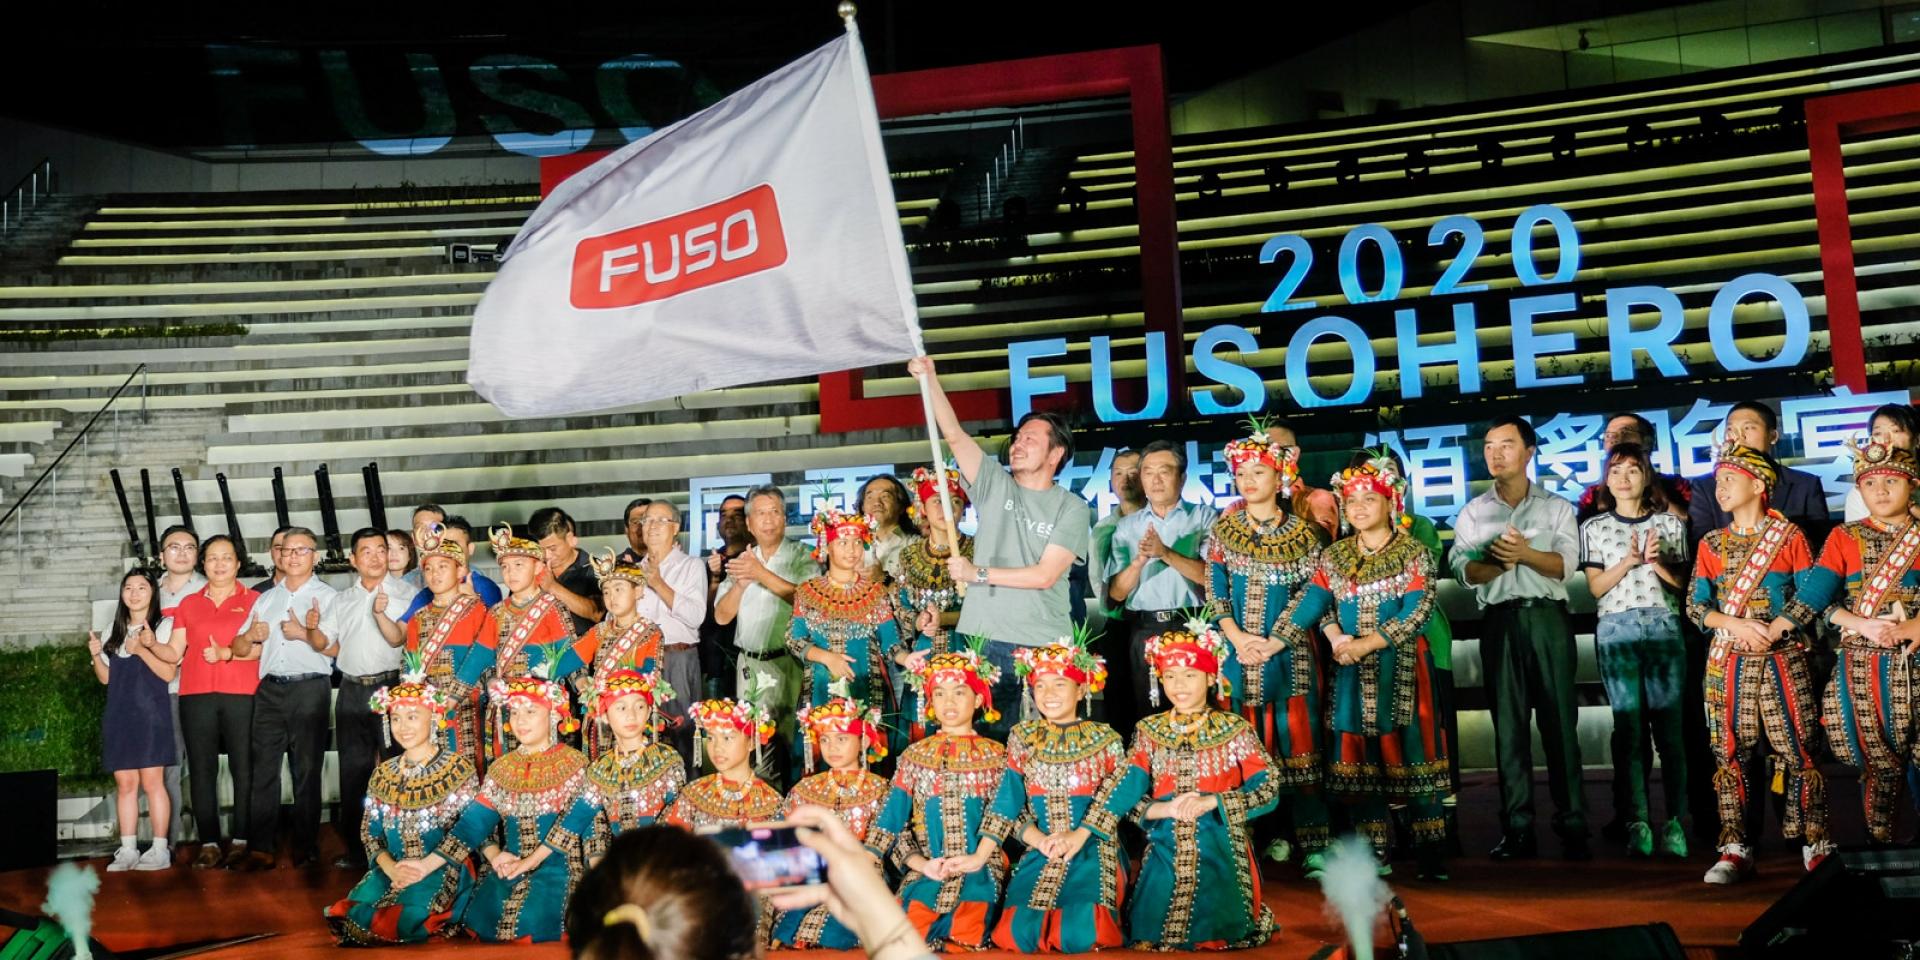 商車界奧斯卡獎!2020 FUSO HERO頒獎晚宴 高雄衛武營登場